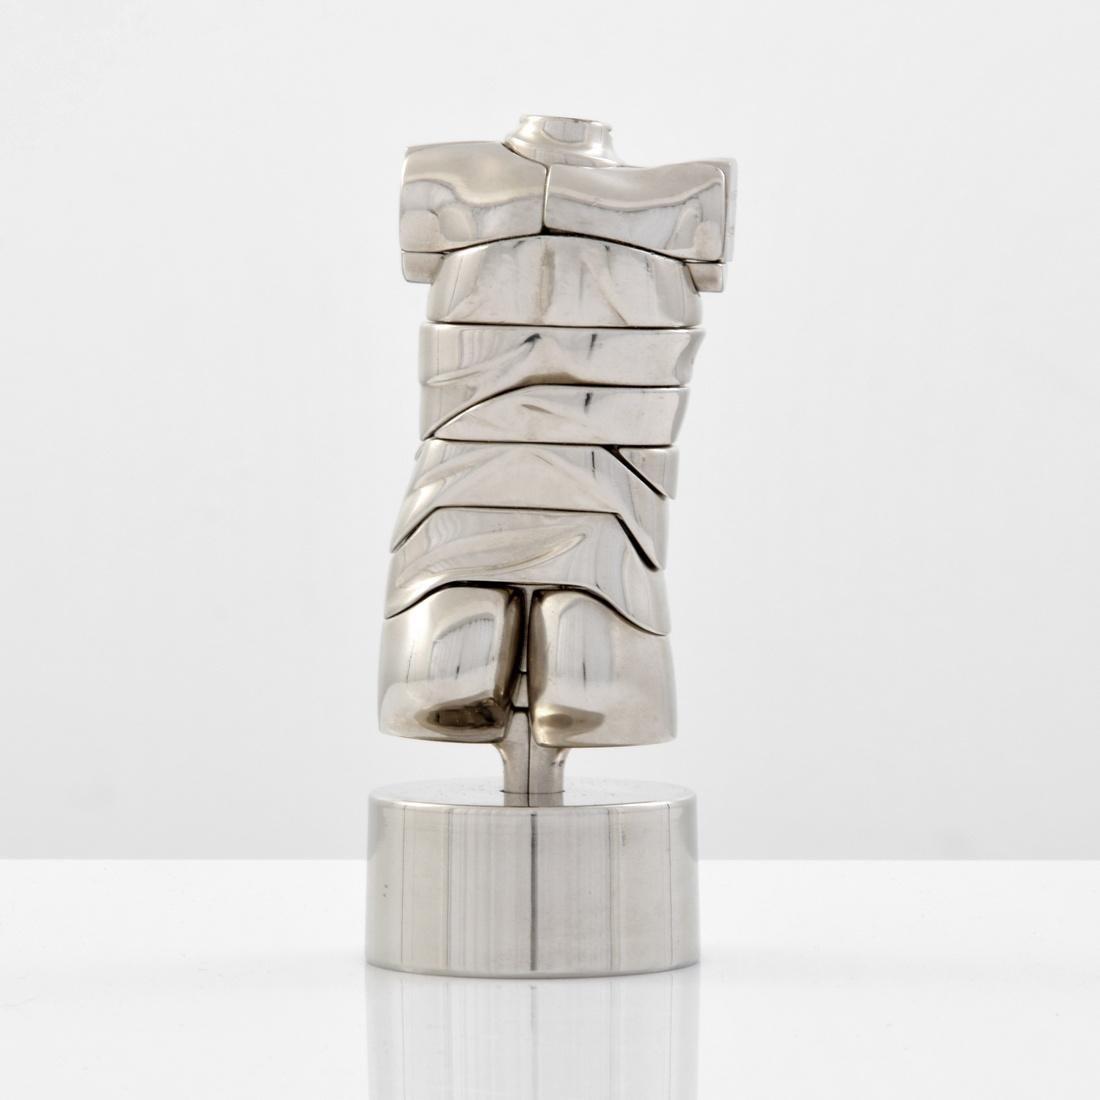 Miguel Berrocal MINI DAVID Sculpture/Puzzle - 4